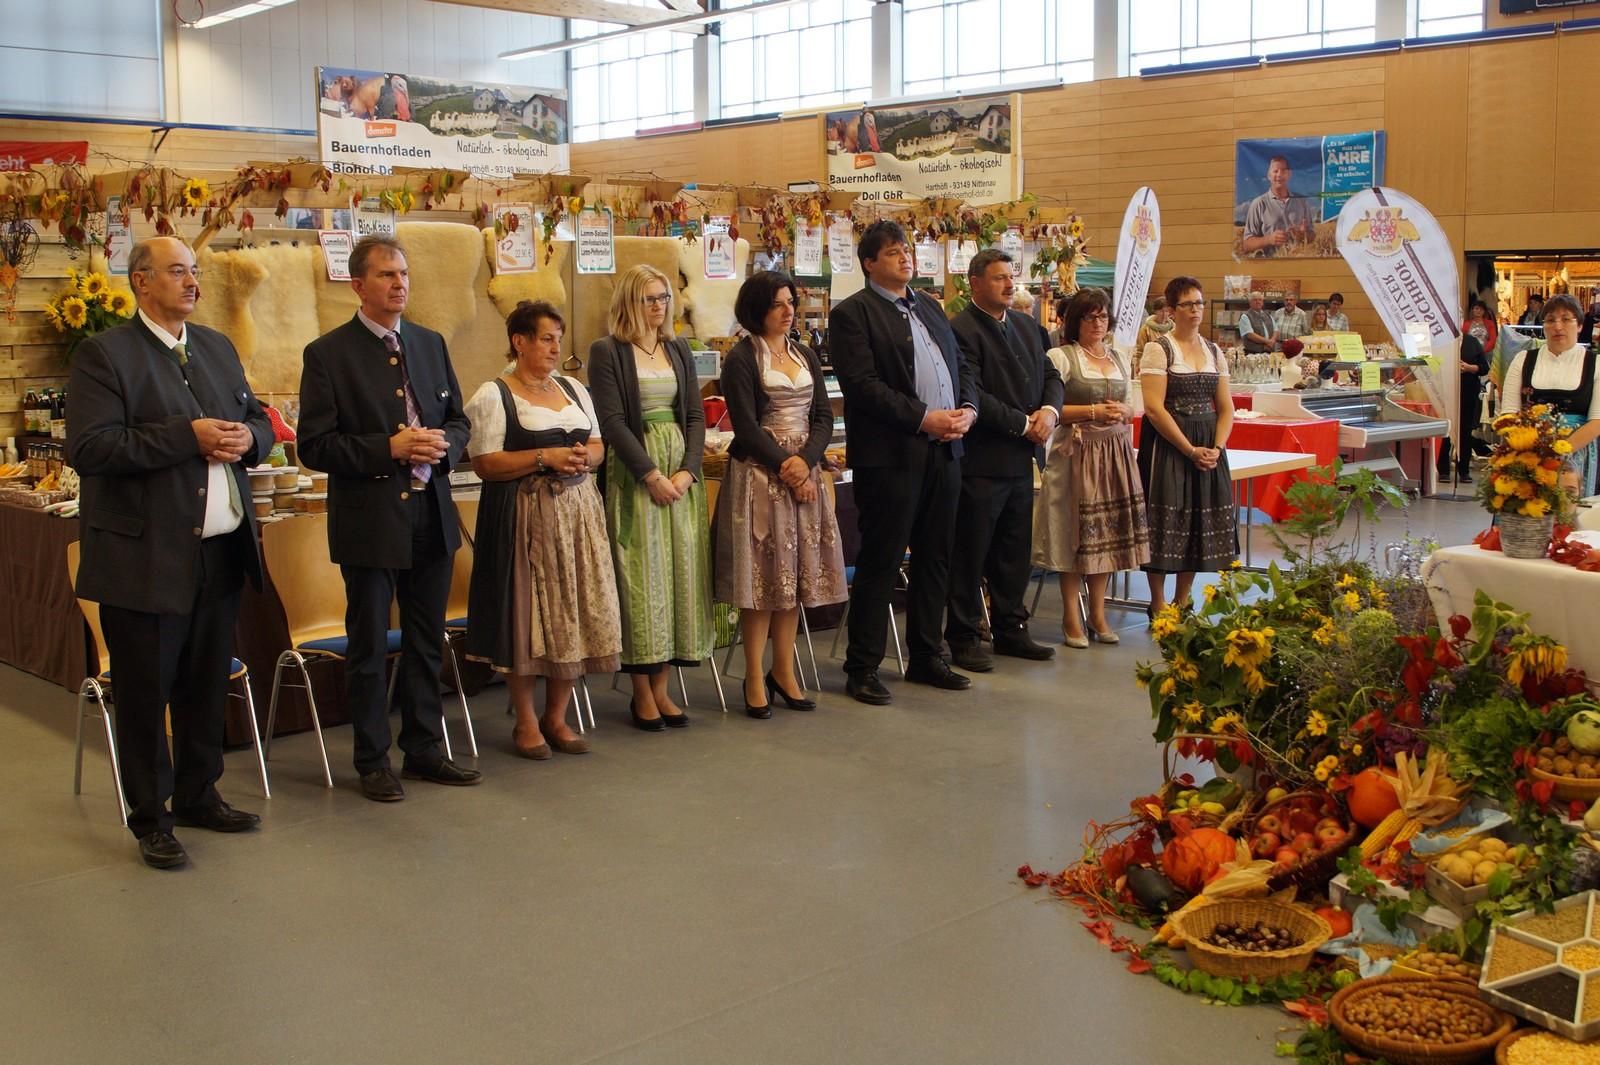 20181014-Bauernmarkt Erntedank DSC03486